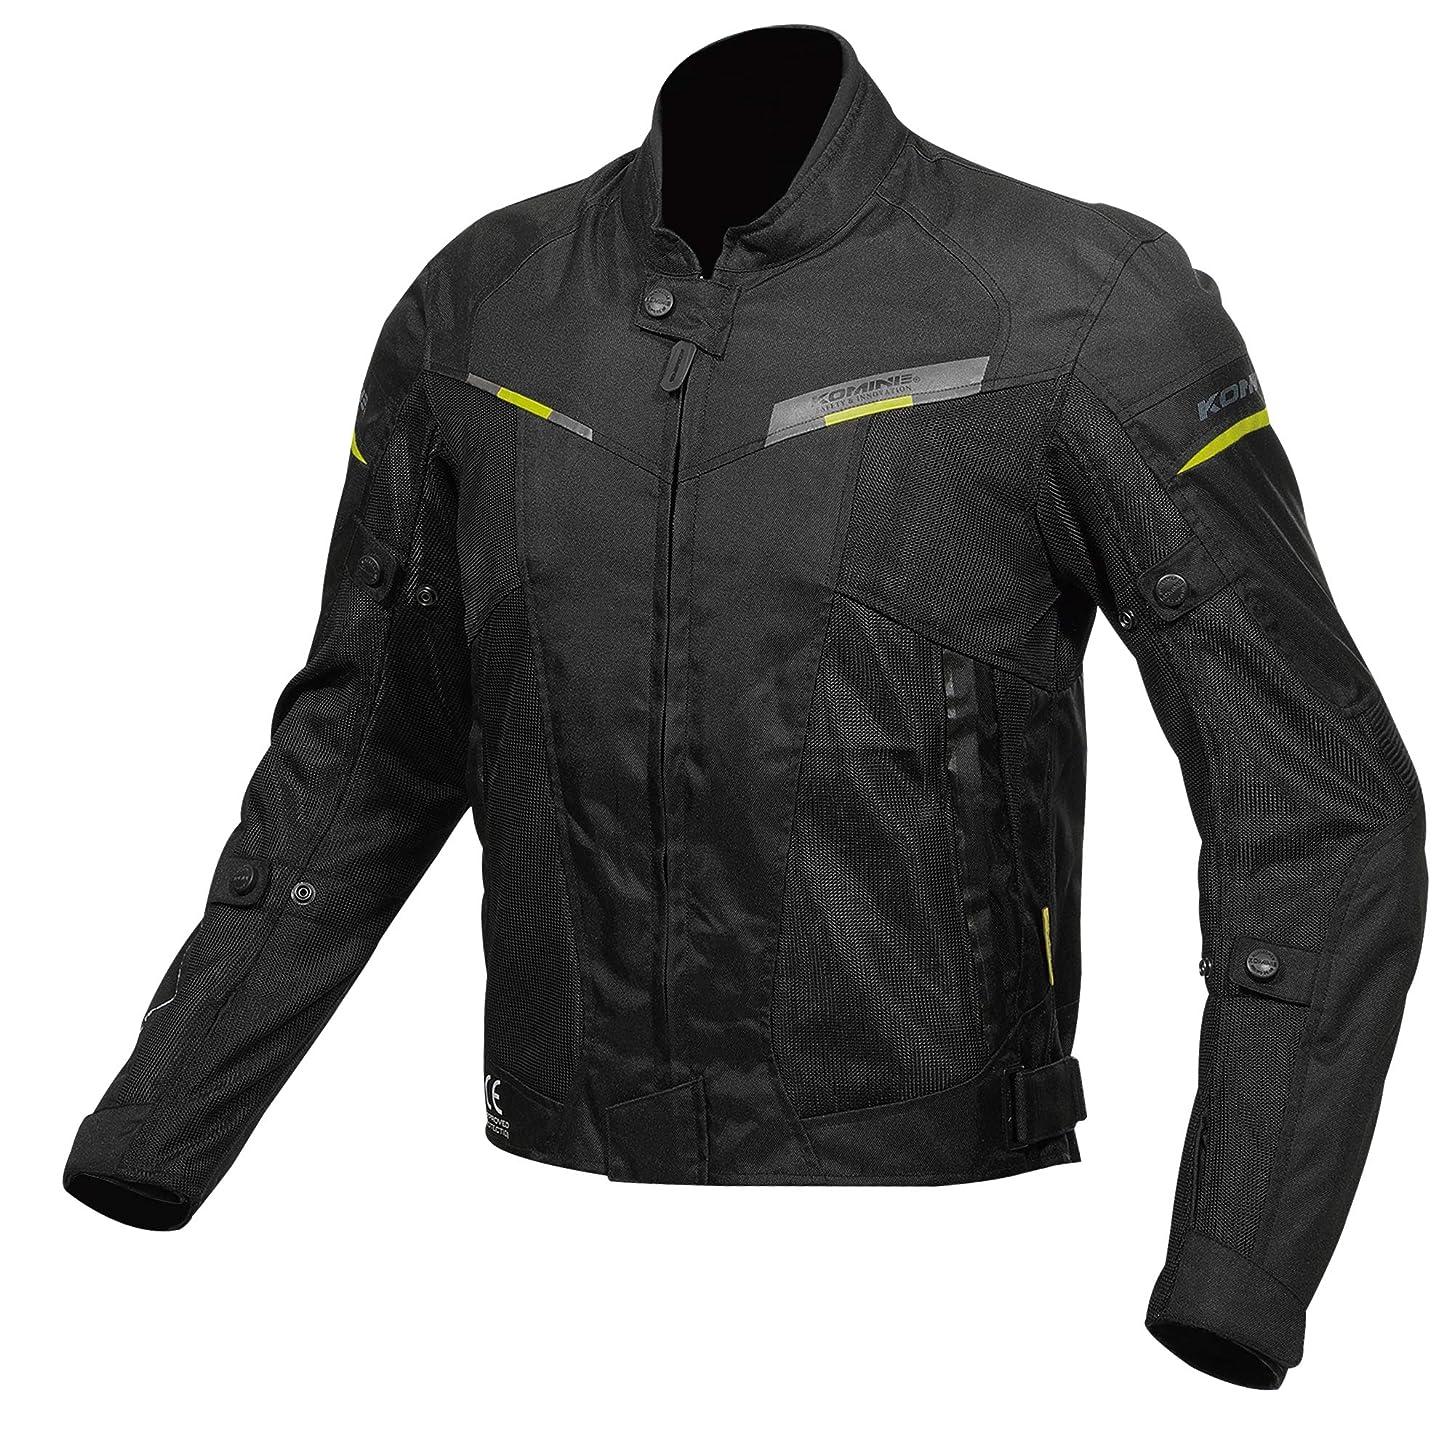 暖炉浸食出発するコミネ KOMINE バイク プロテクト ハーフ メッシュ ジャケット アウター プロテクター 通気性 Black XL JK-141 07-141